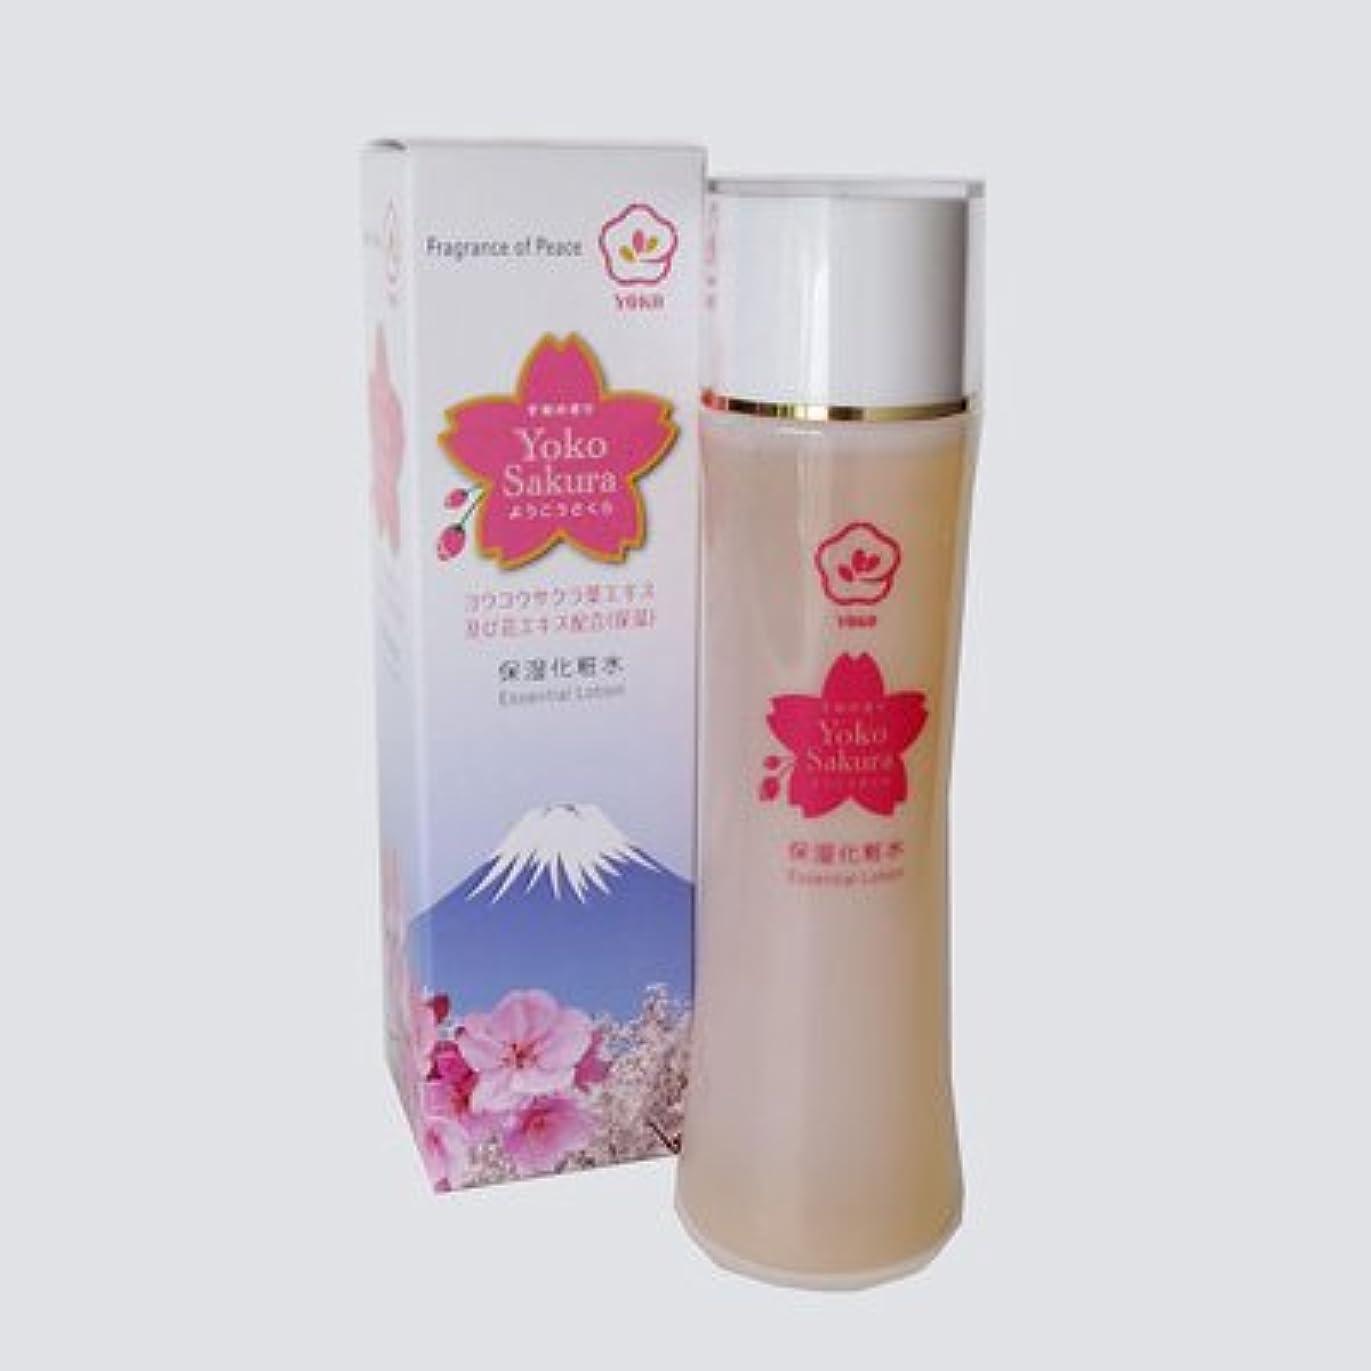 自由バングラデシュ外科医陽光ローション(保湿化粧水) 陽光桜のエキス配合の保湿化粧水。敏感肌の方にもどうぞ